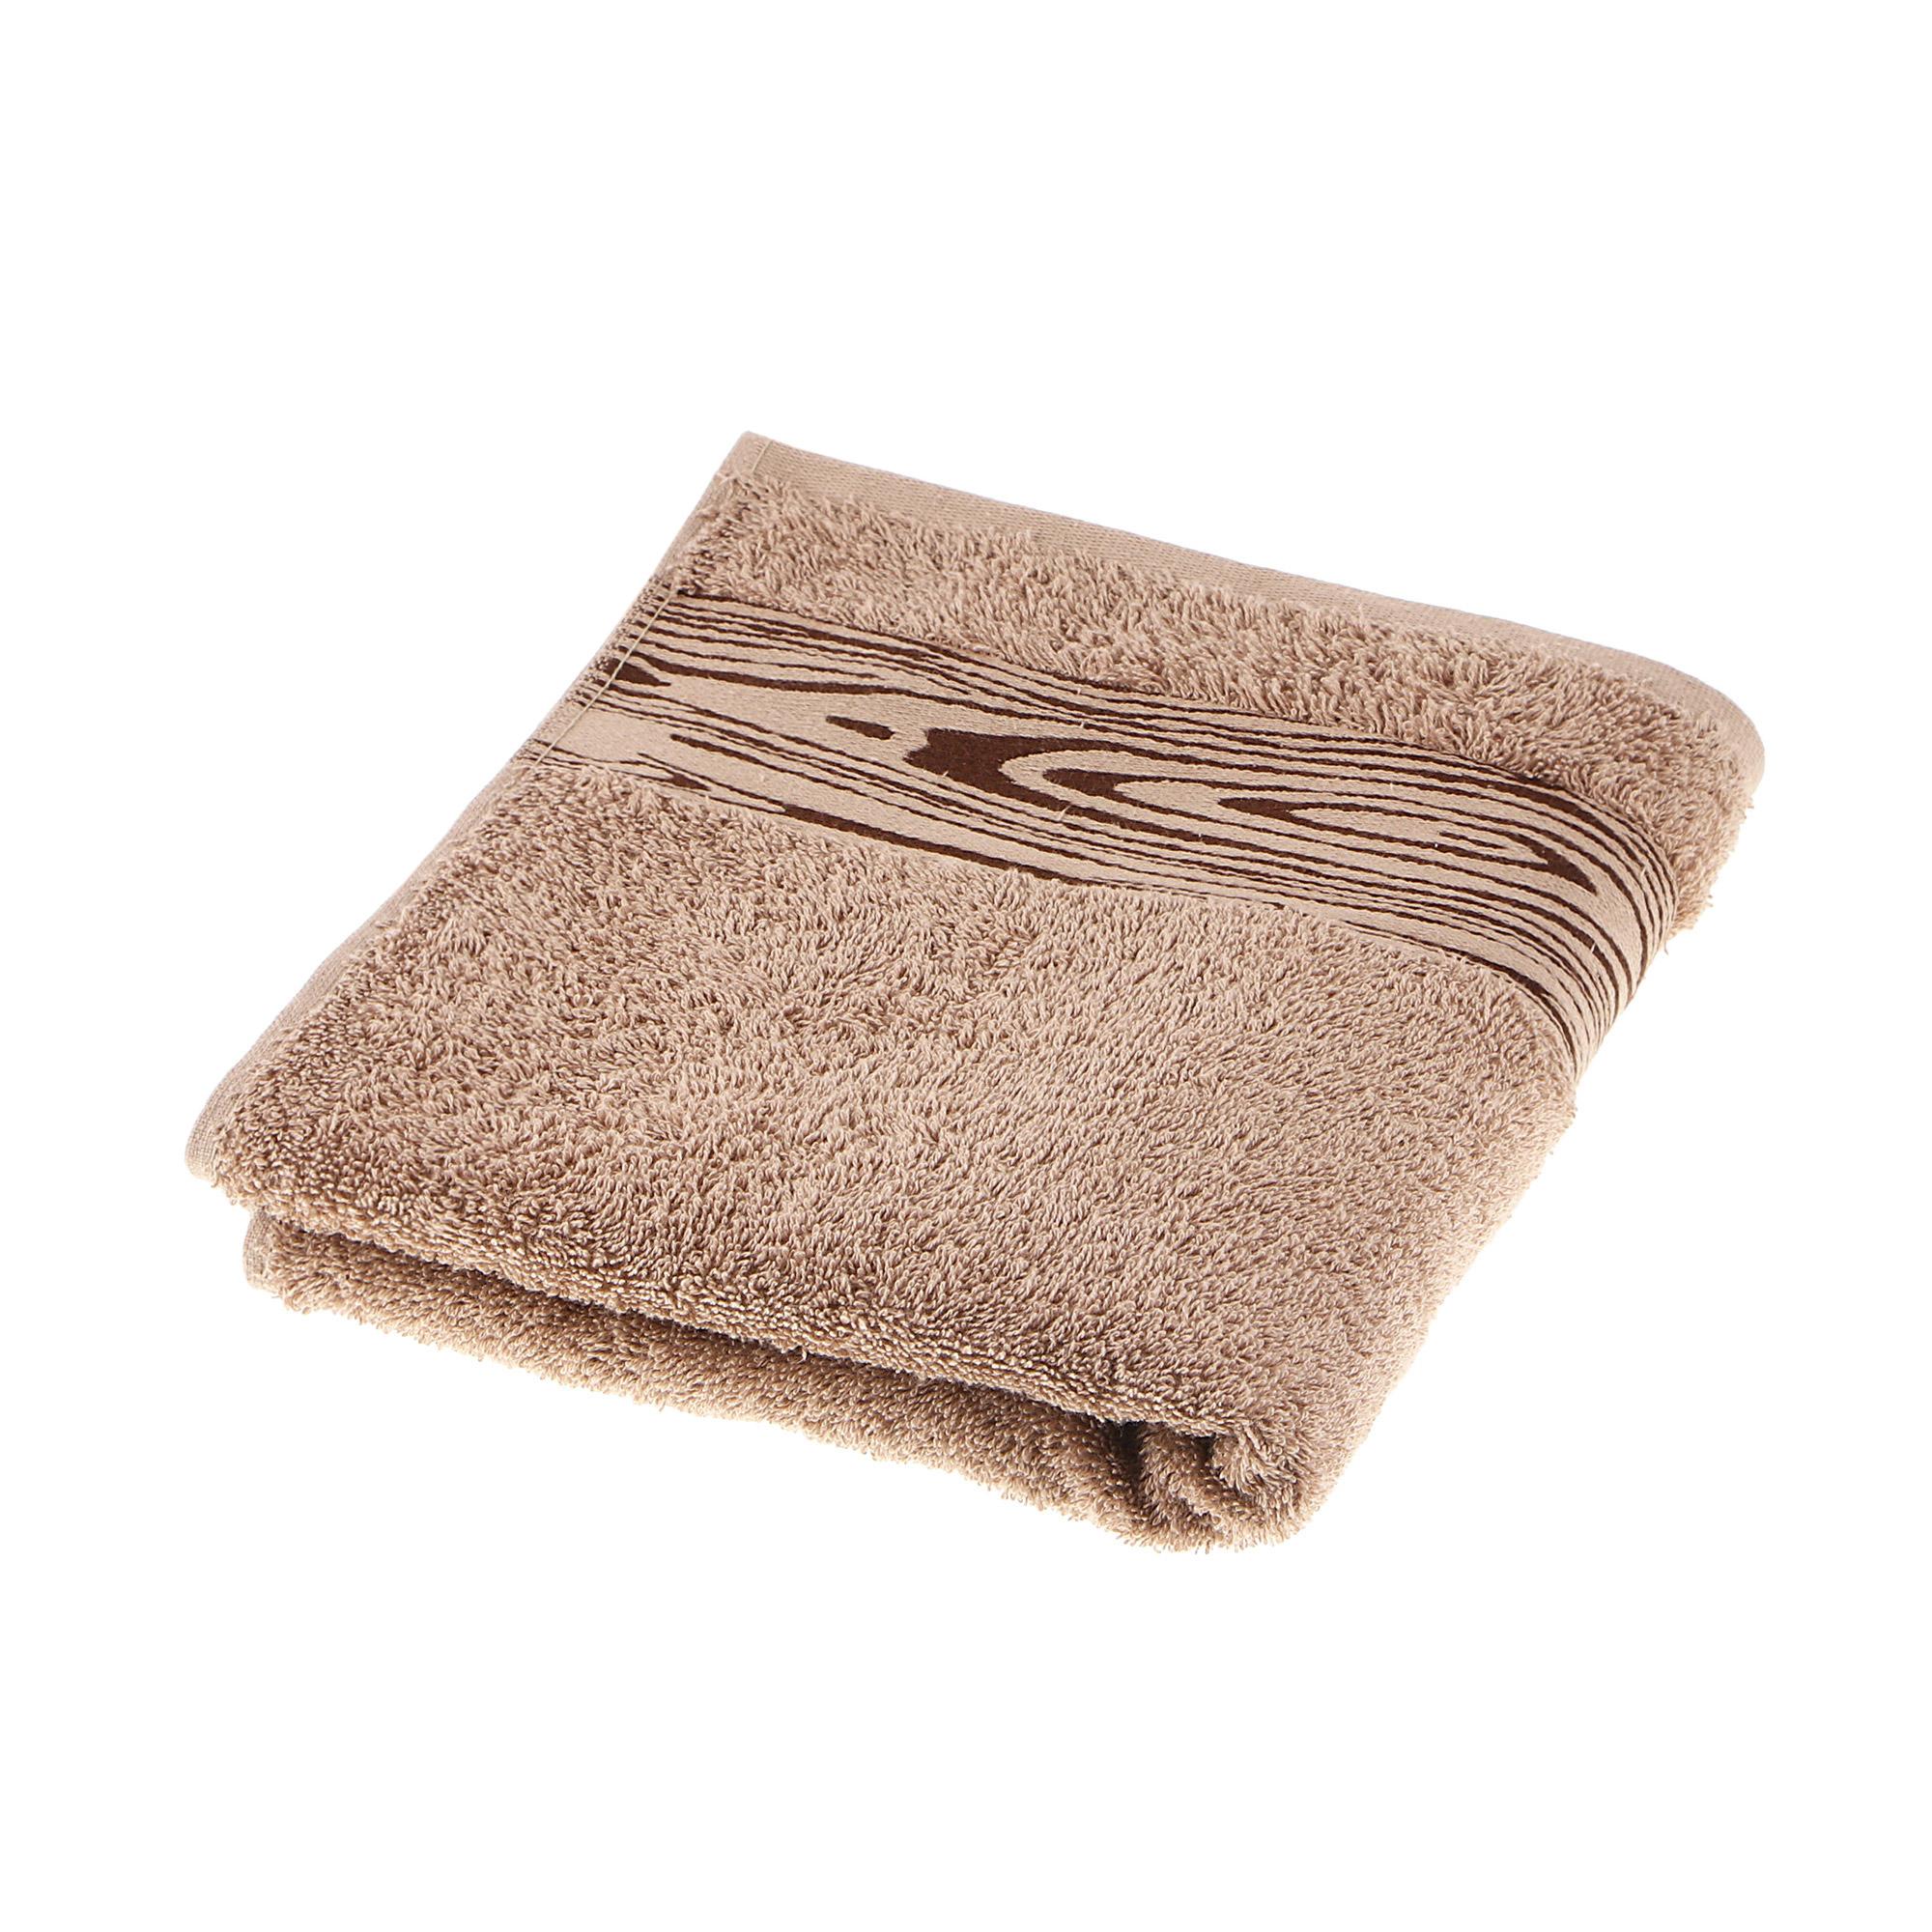 Полотенце махровое Asil wood 70x140 beige.